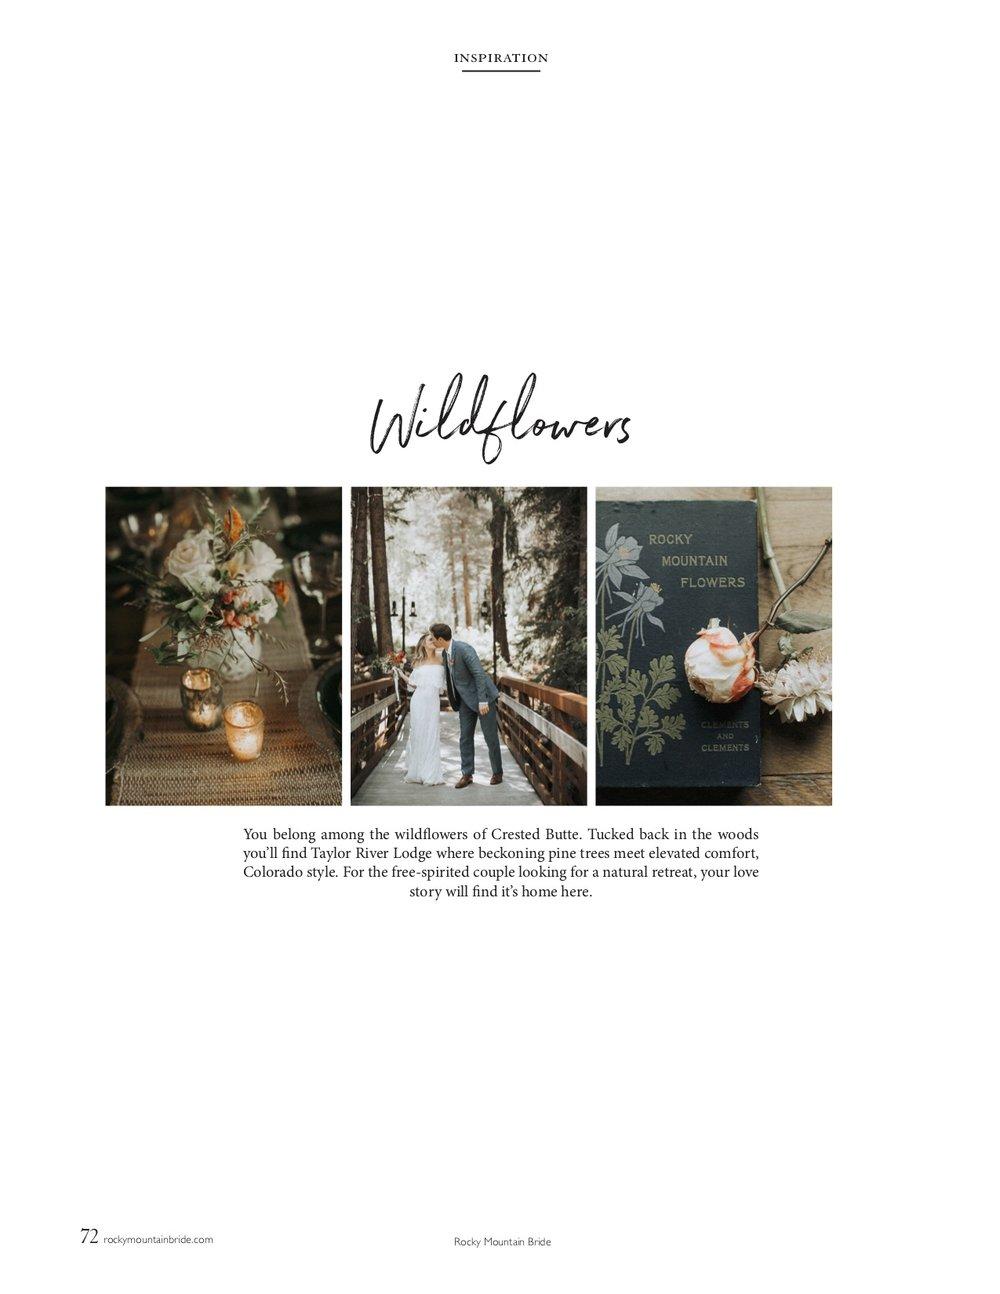 Wildflowers copy 2.jpg